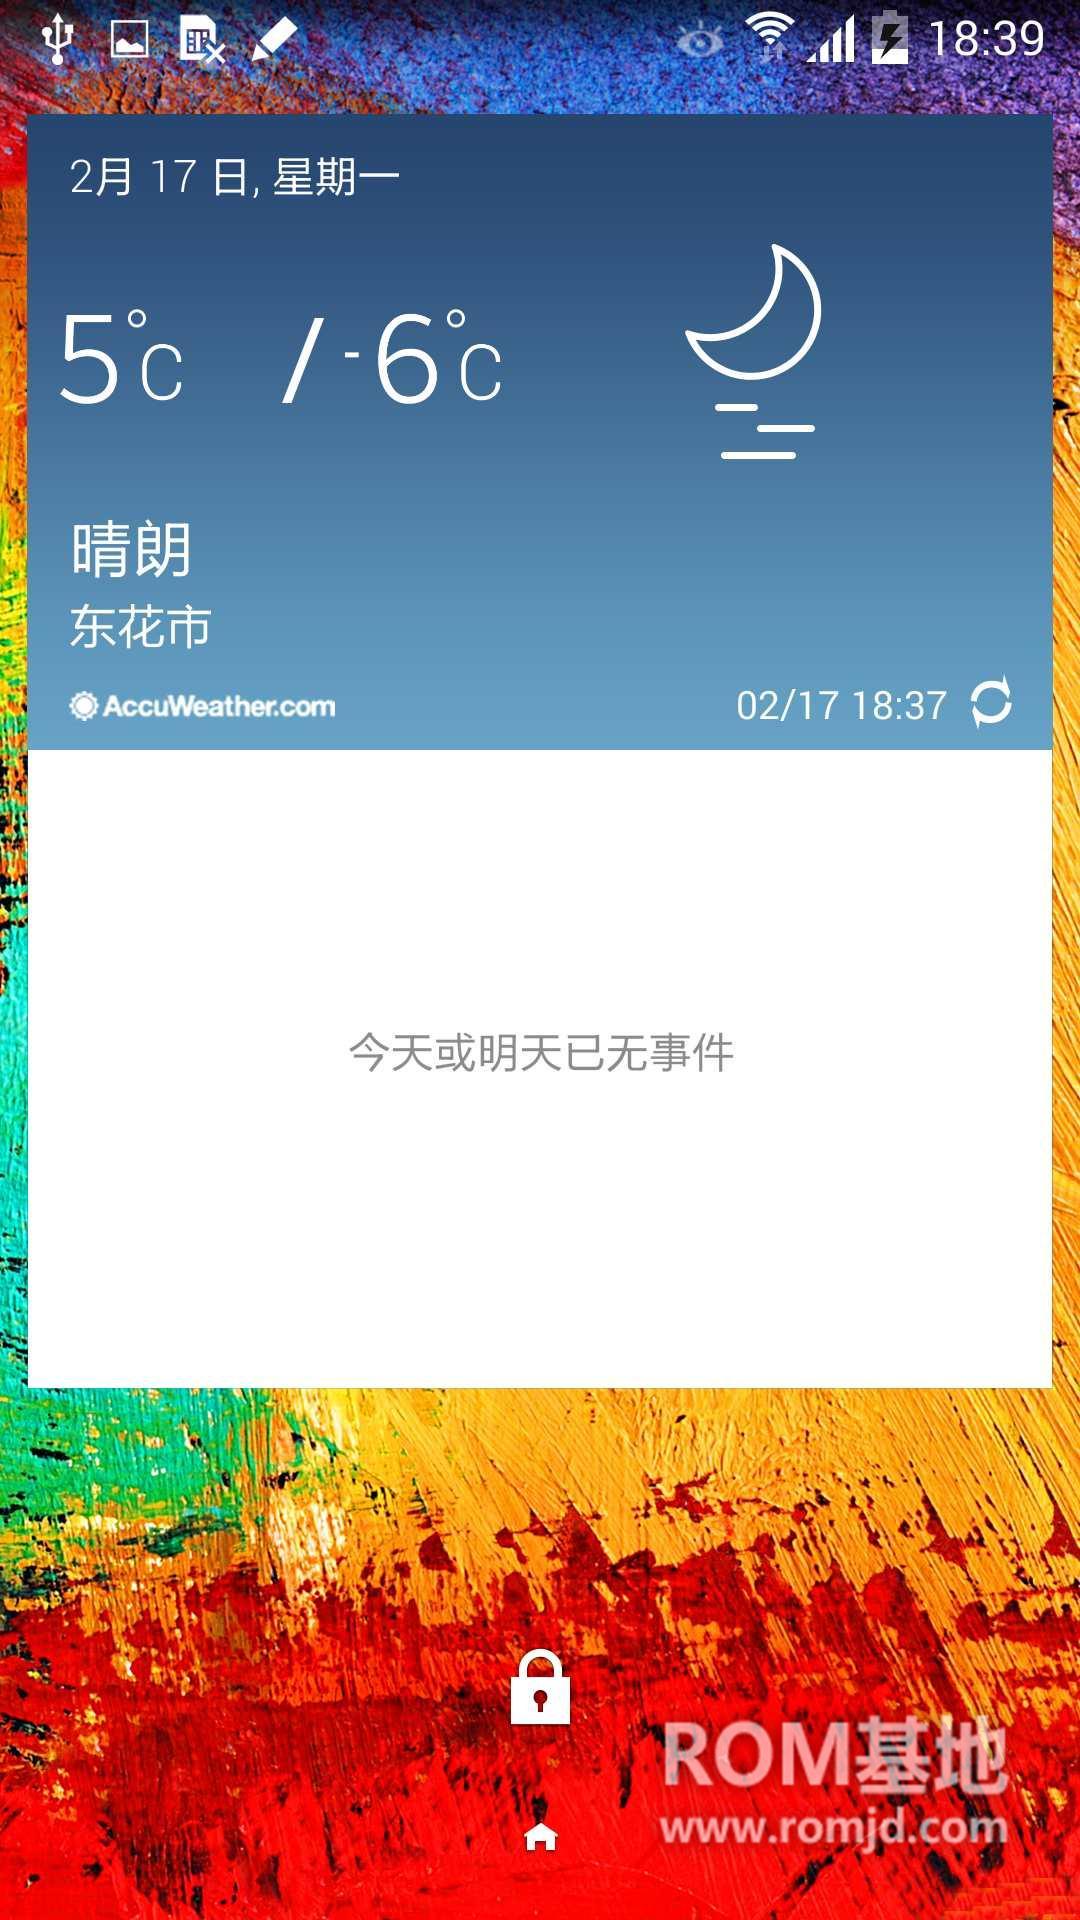 绿化纯净 三星 N9005/6/8 刷机包 rom TF4.1 稳定 流畅 纯净版刷机包ROM刷机包截图